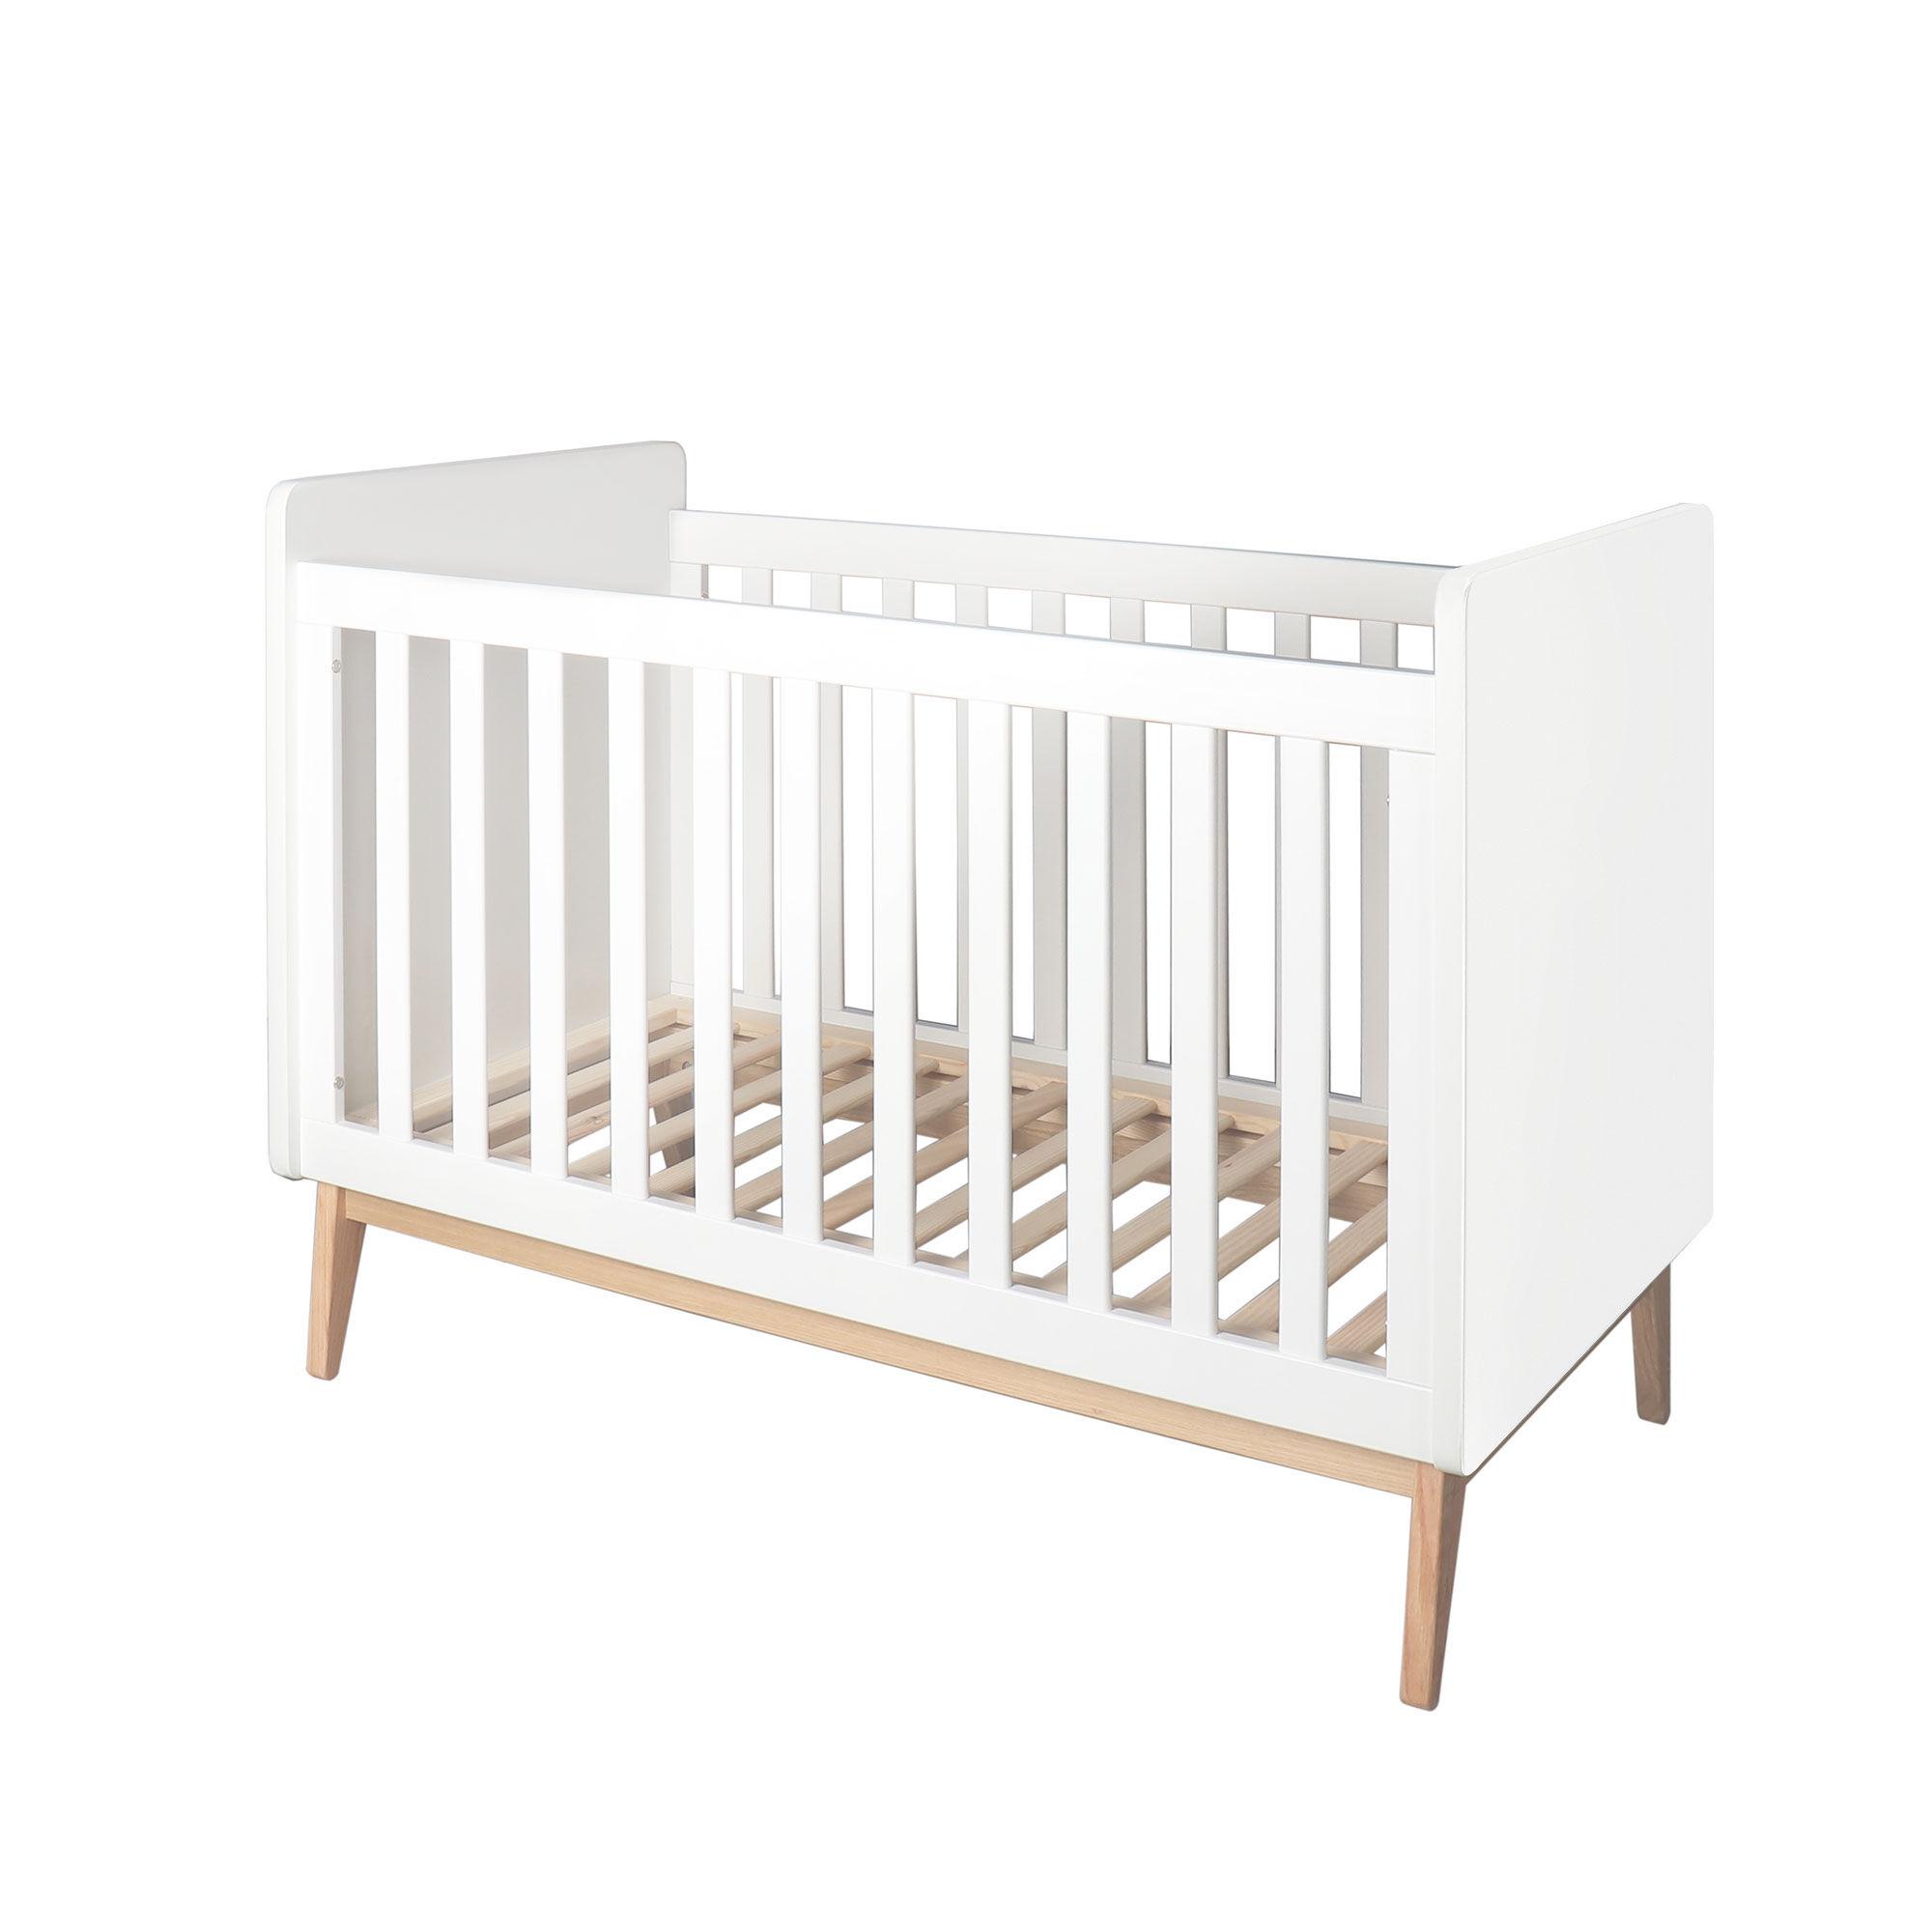 Homcom Lit bébé à barreaux 60 x 120 cm sommier lattes hauteur réglable blanc